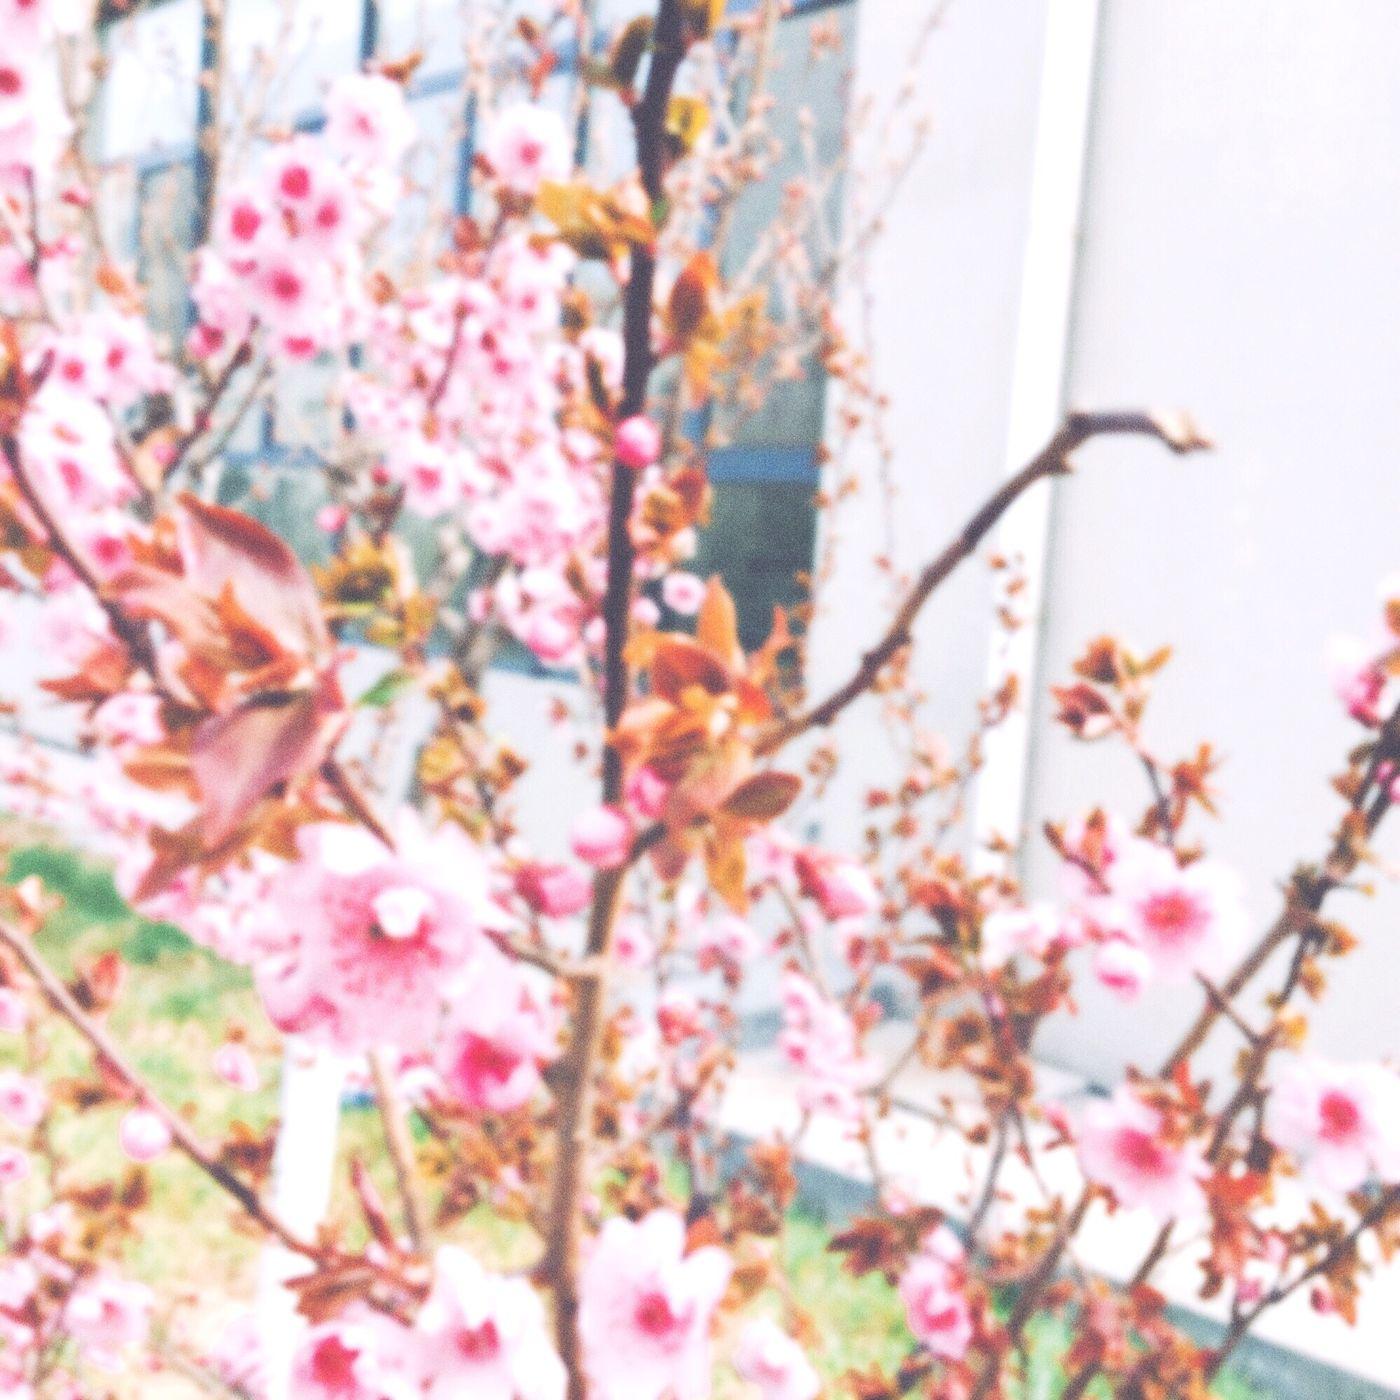 Taking Photos Enjoying Life Spring spring